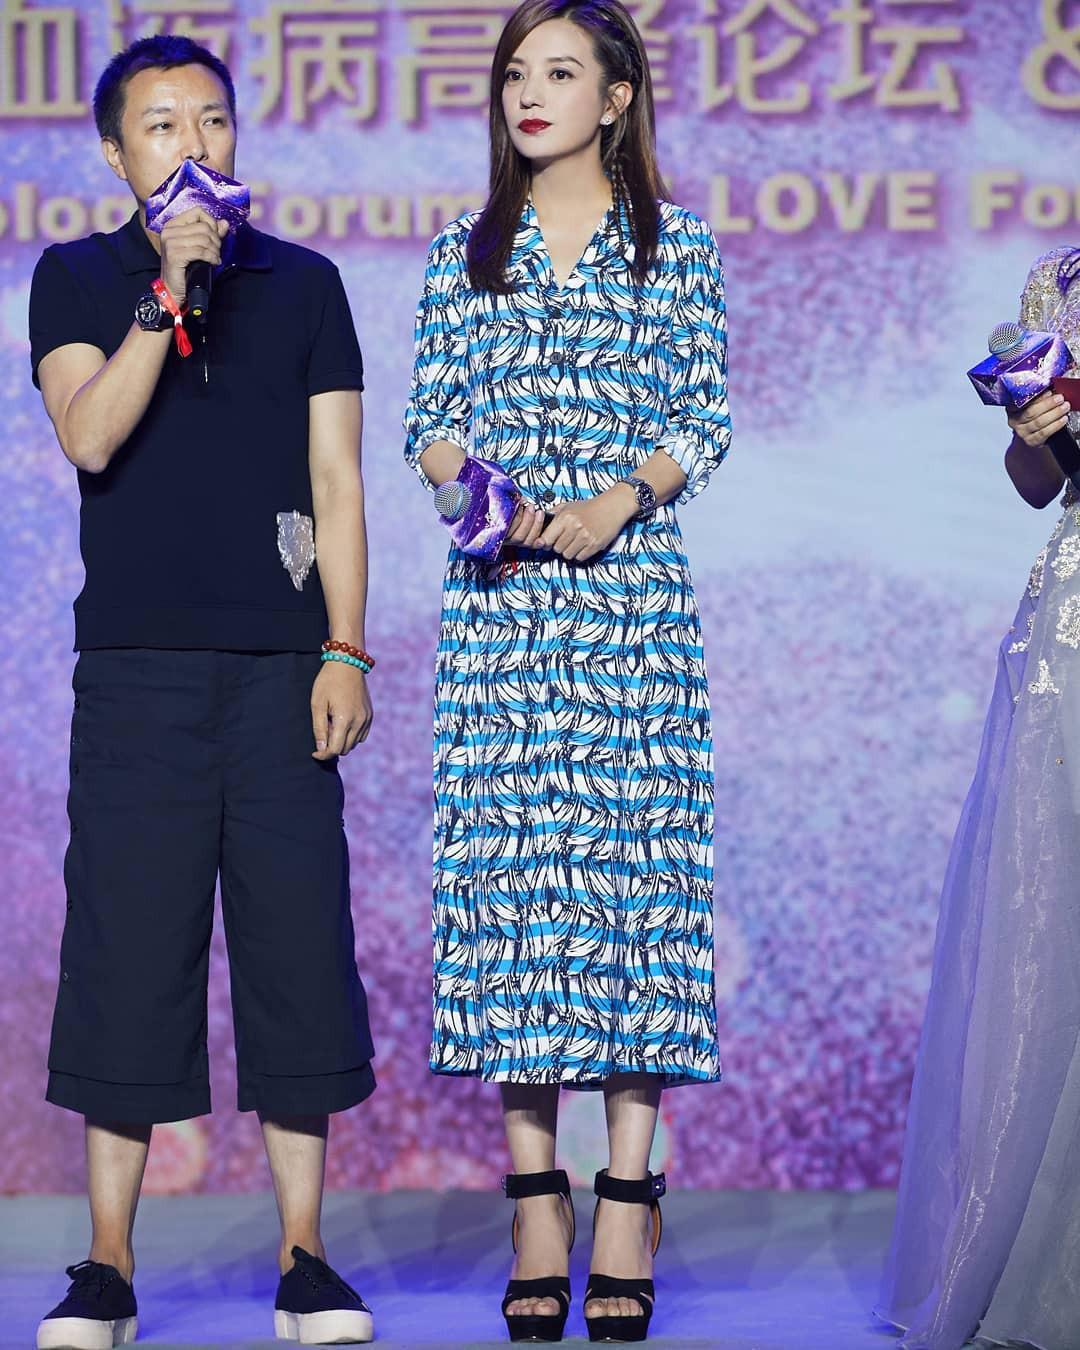 Lột xác hậu giảm cân, Triệu Vy lại khiến dân tình xao xuyến với style hack tuổi - Ảnh 10.